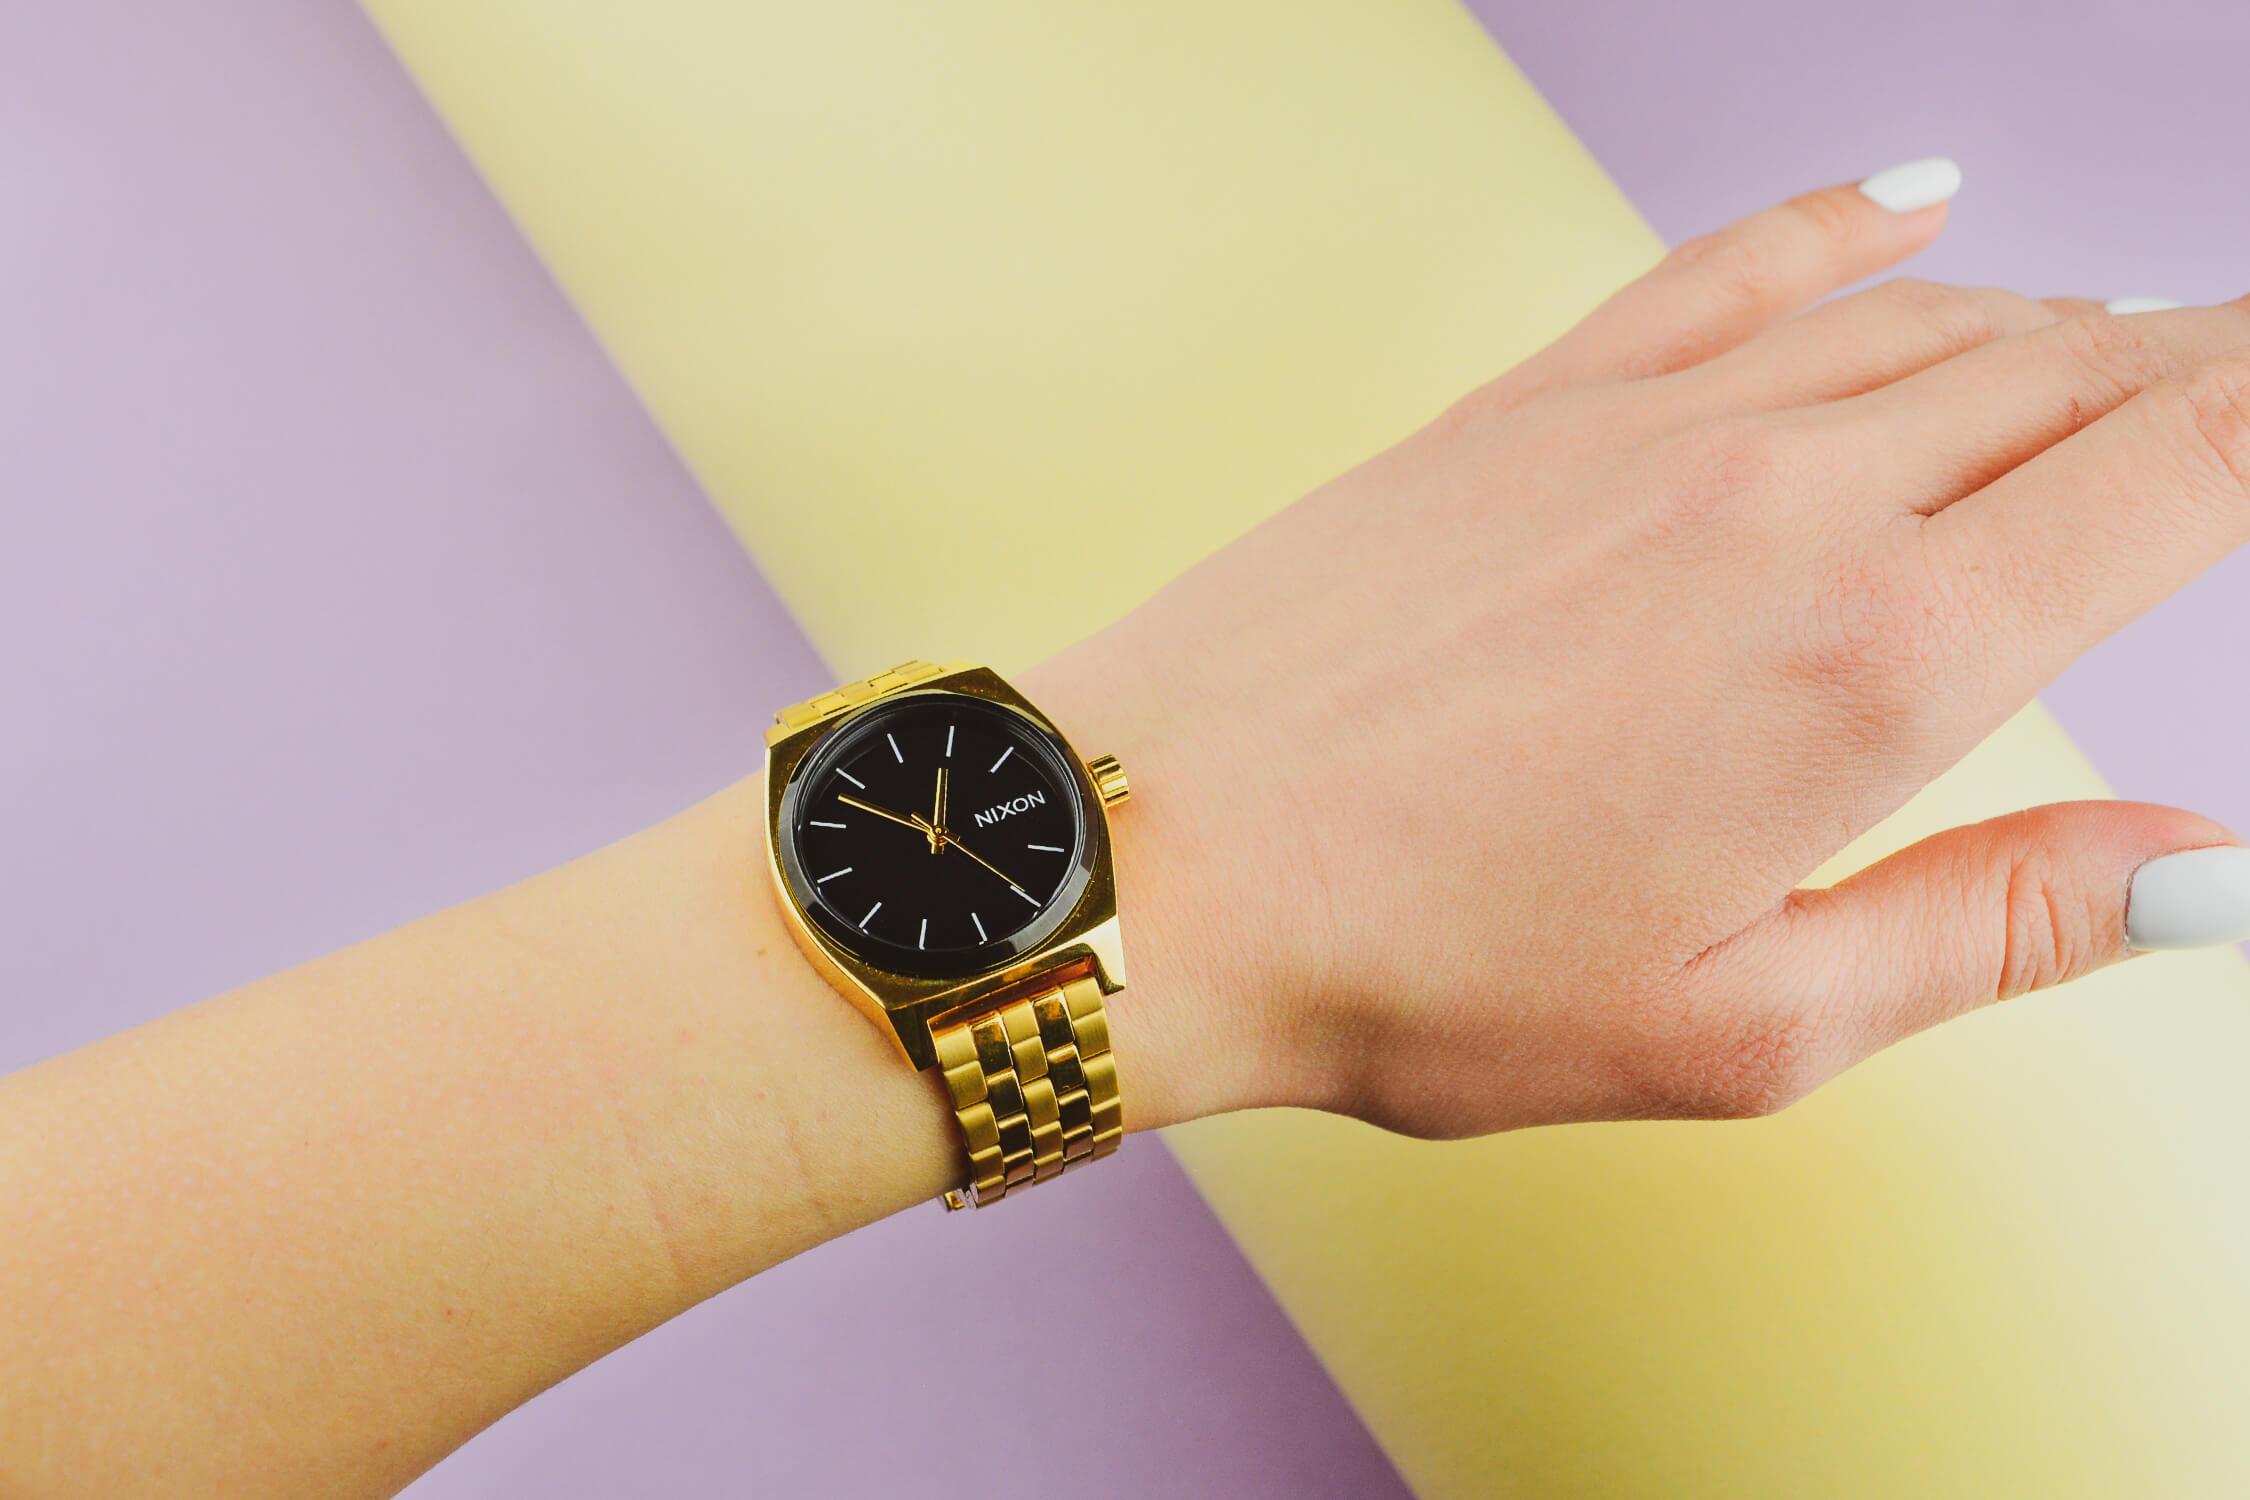 часы никсон тайм теллер